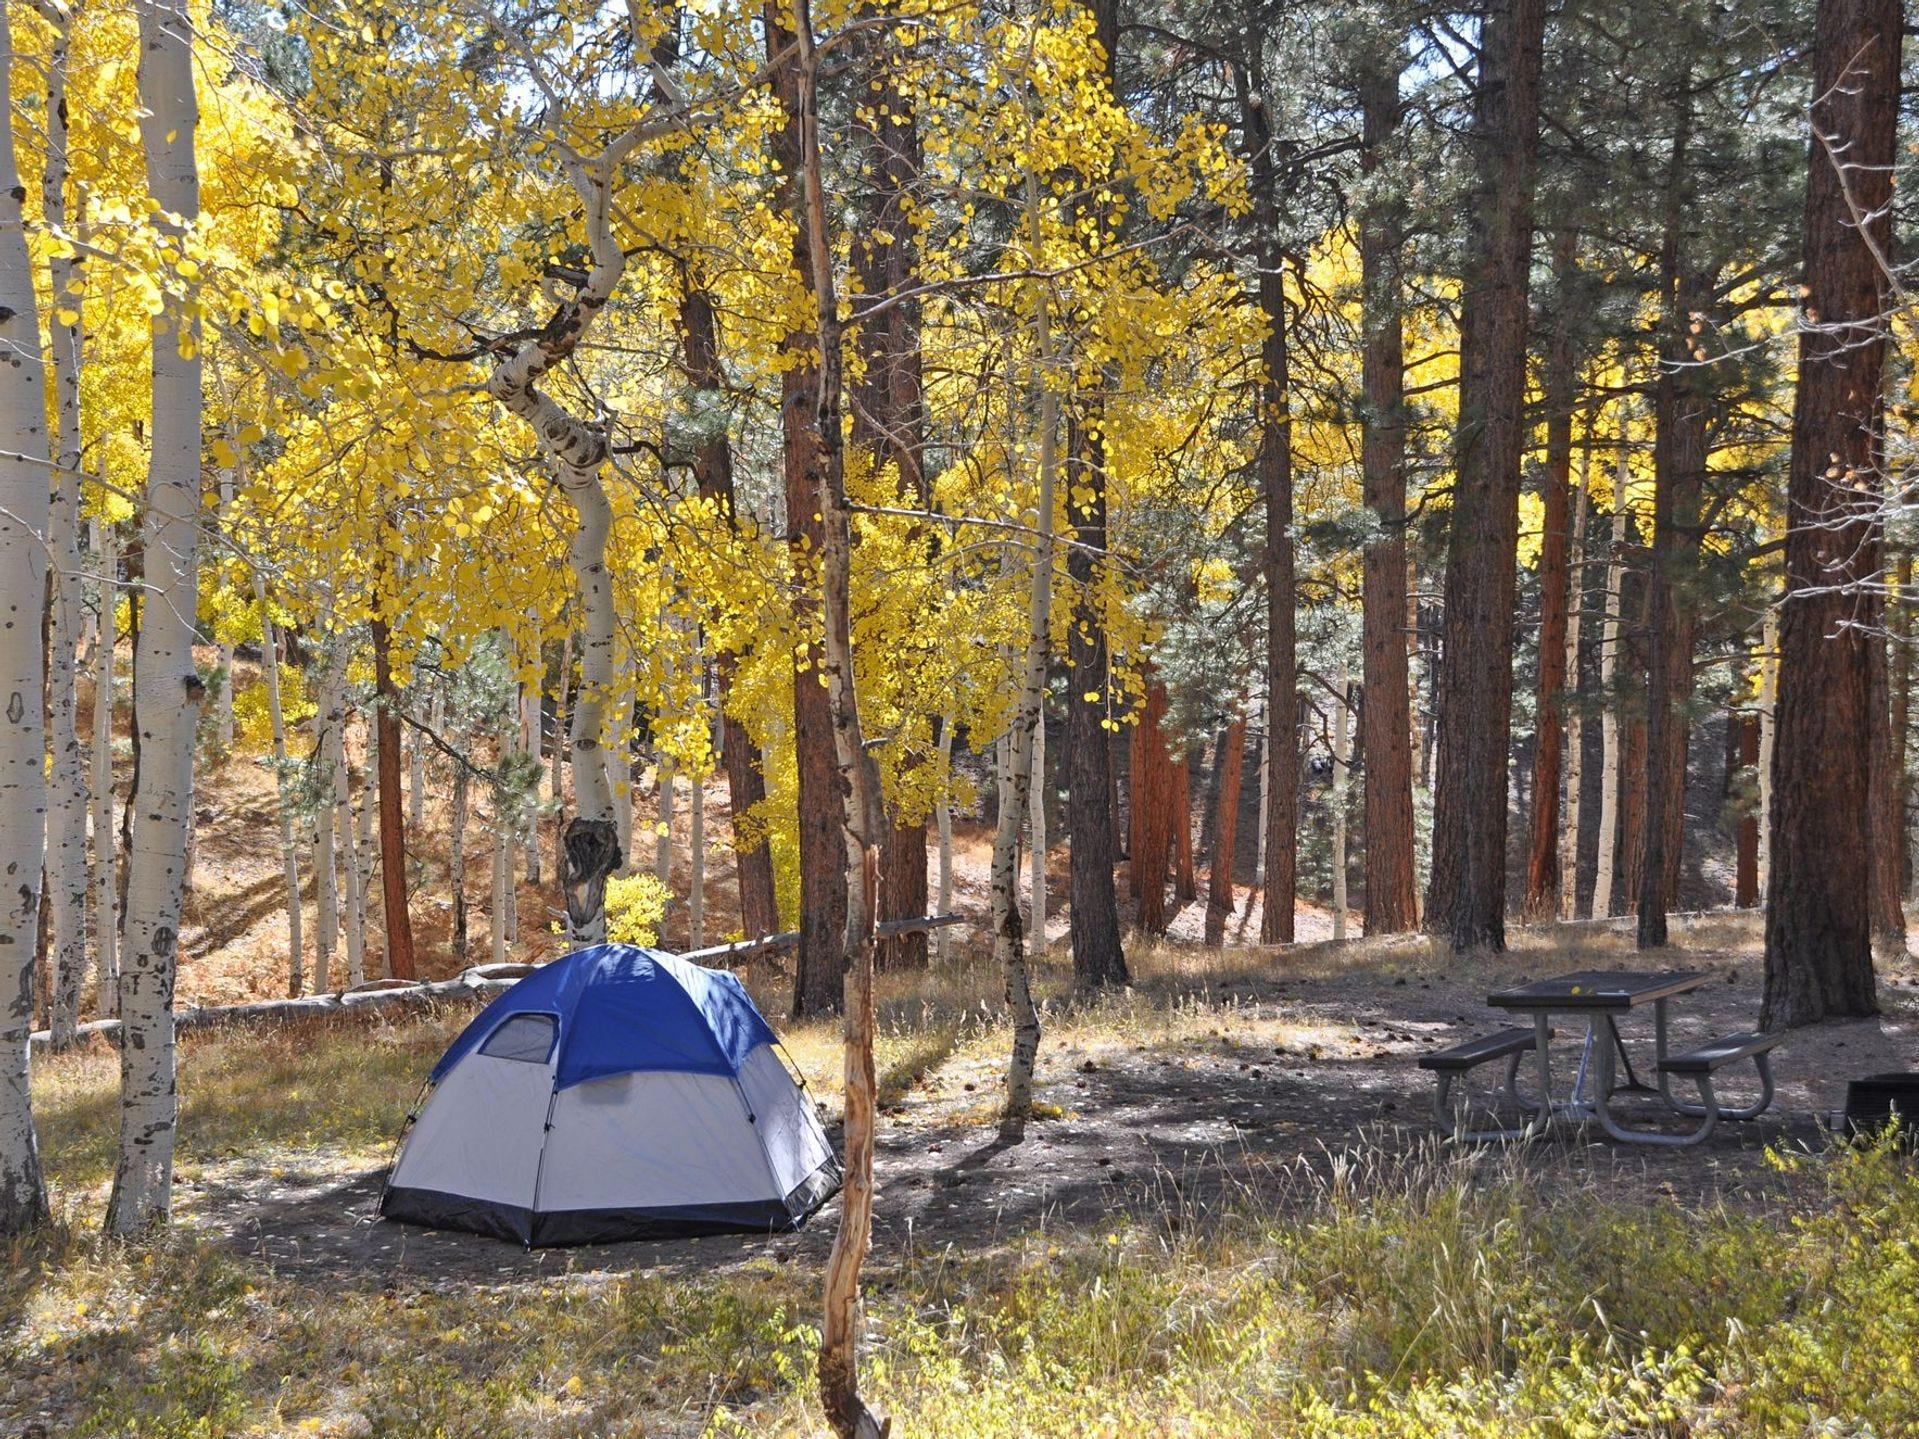 El campamento Grand Canyon North Rim está abierto desde mediados de mayo hasta mediados de octubre y es operado por el Servicio de Parques Nacionales.